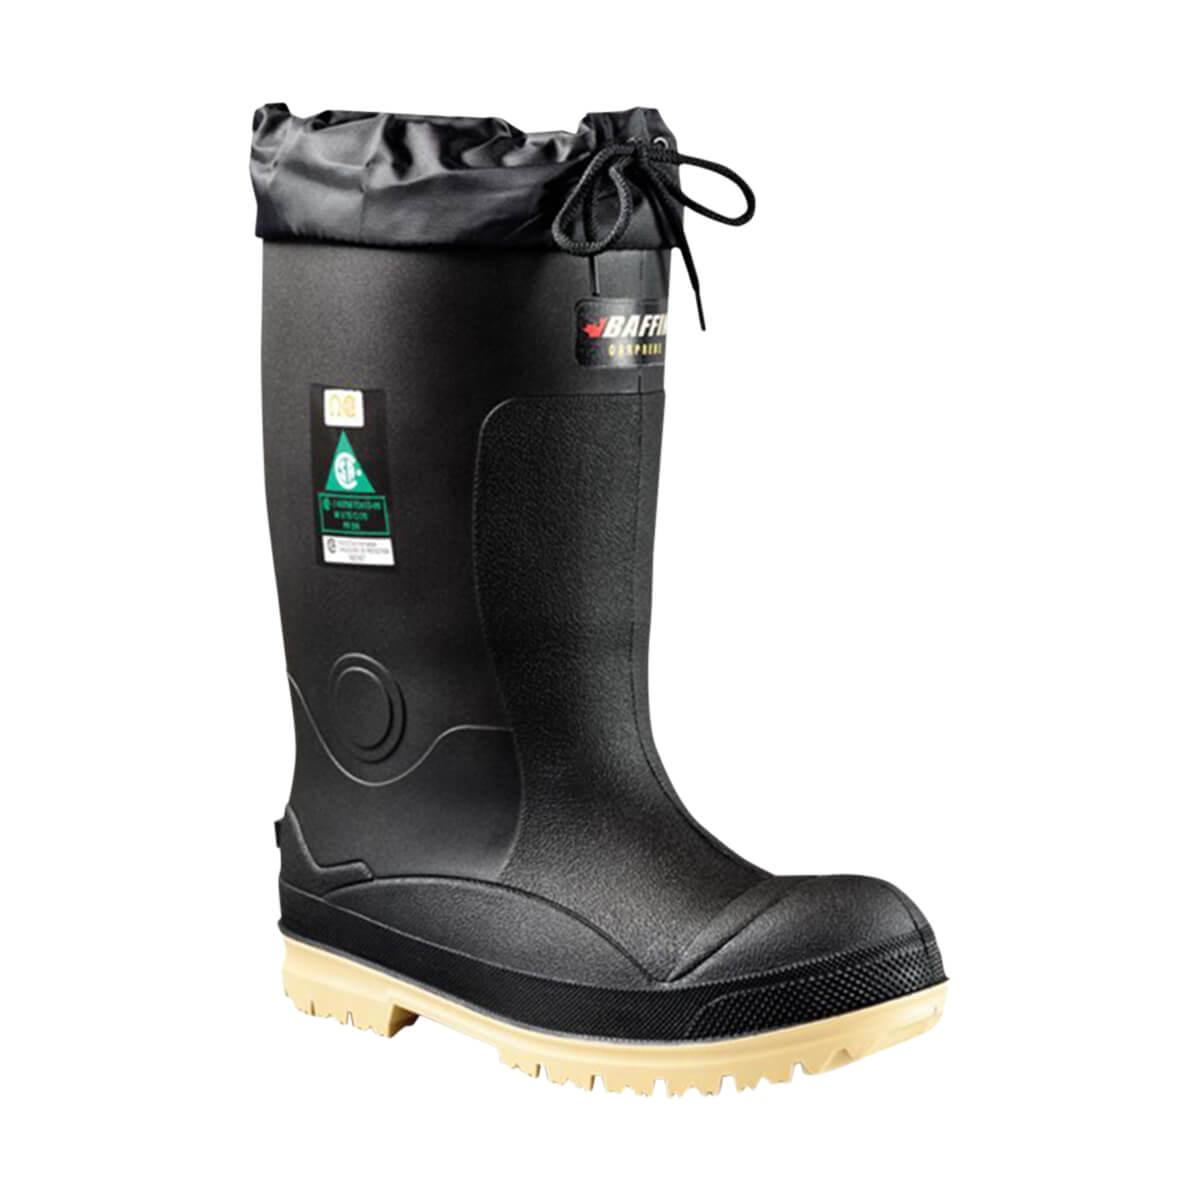 Baffin Men's -100 Titan Safety Boot